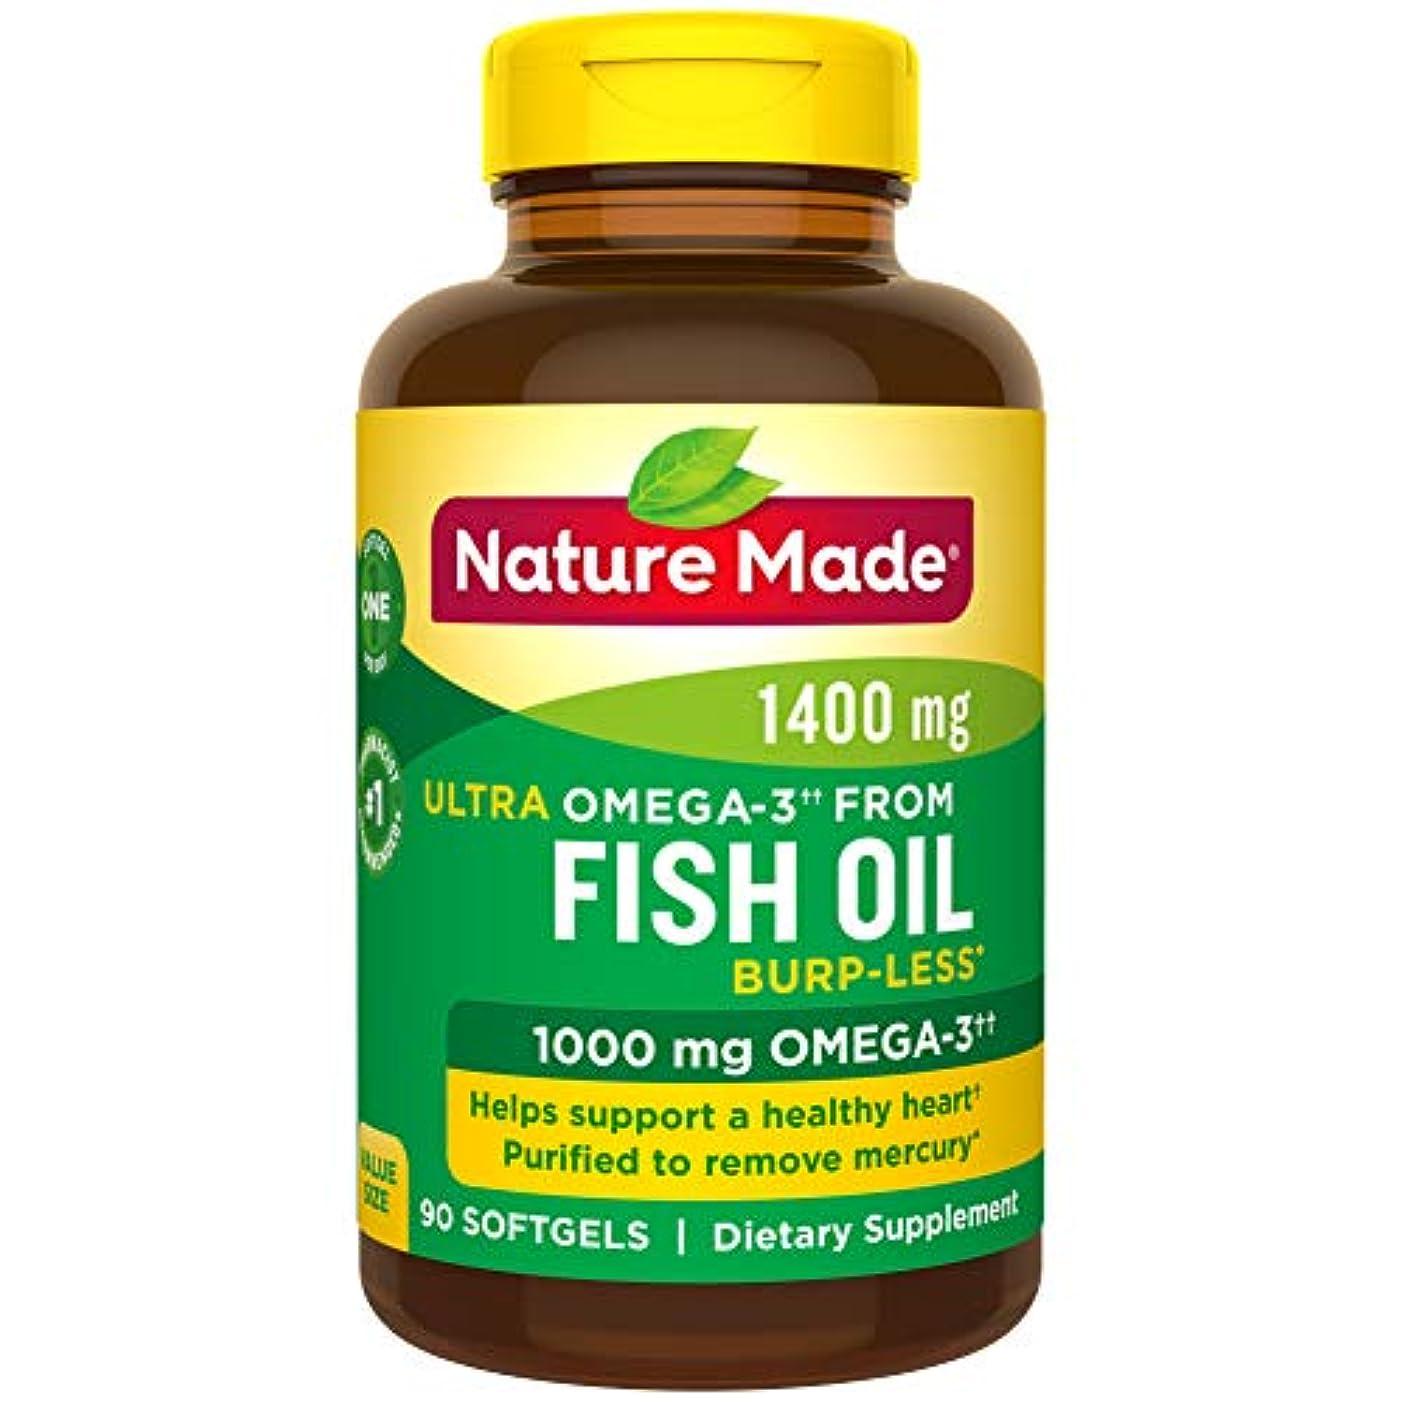 パシフィック住人浅いNature Made Ultra Omega-3 Fish Oil Value Size Softgel, 1400 mg, 90 Count 海外直送品